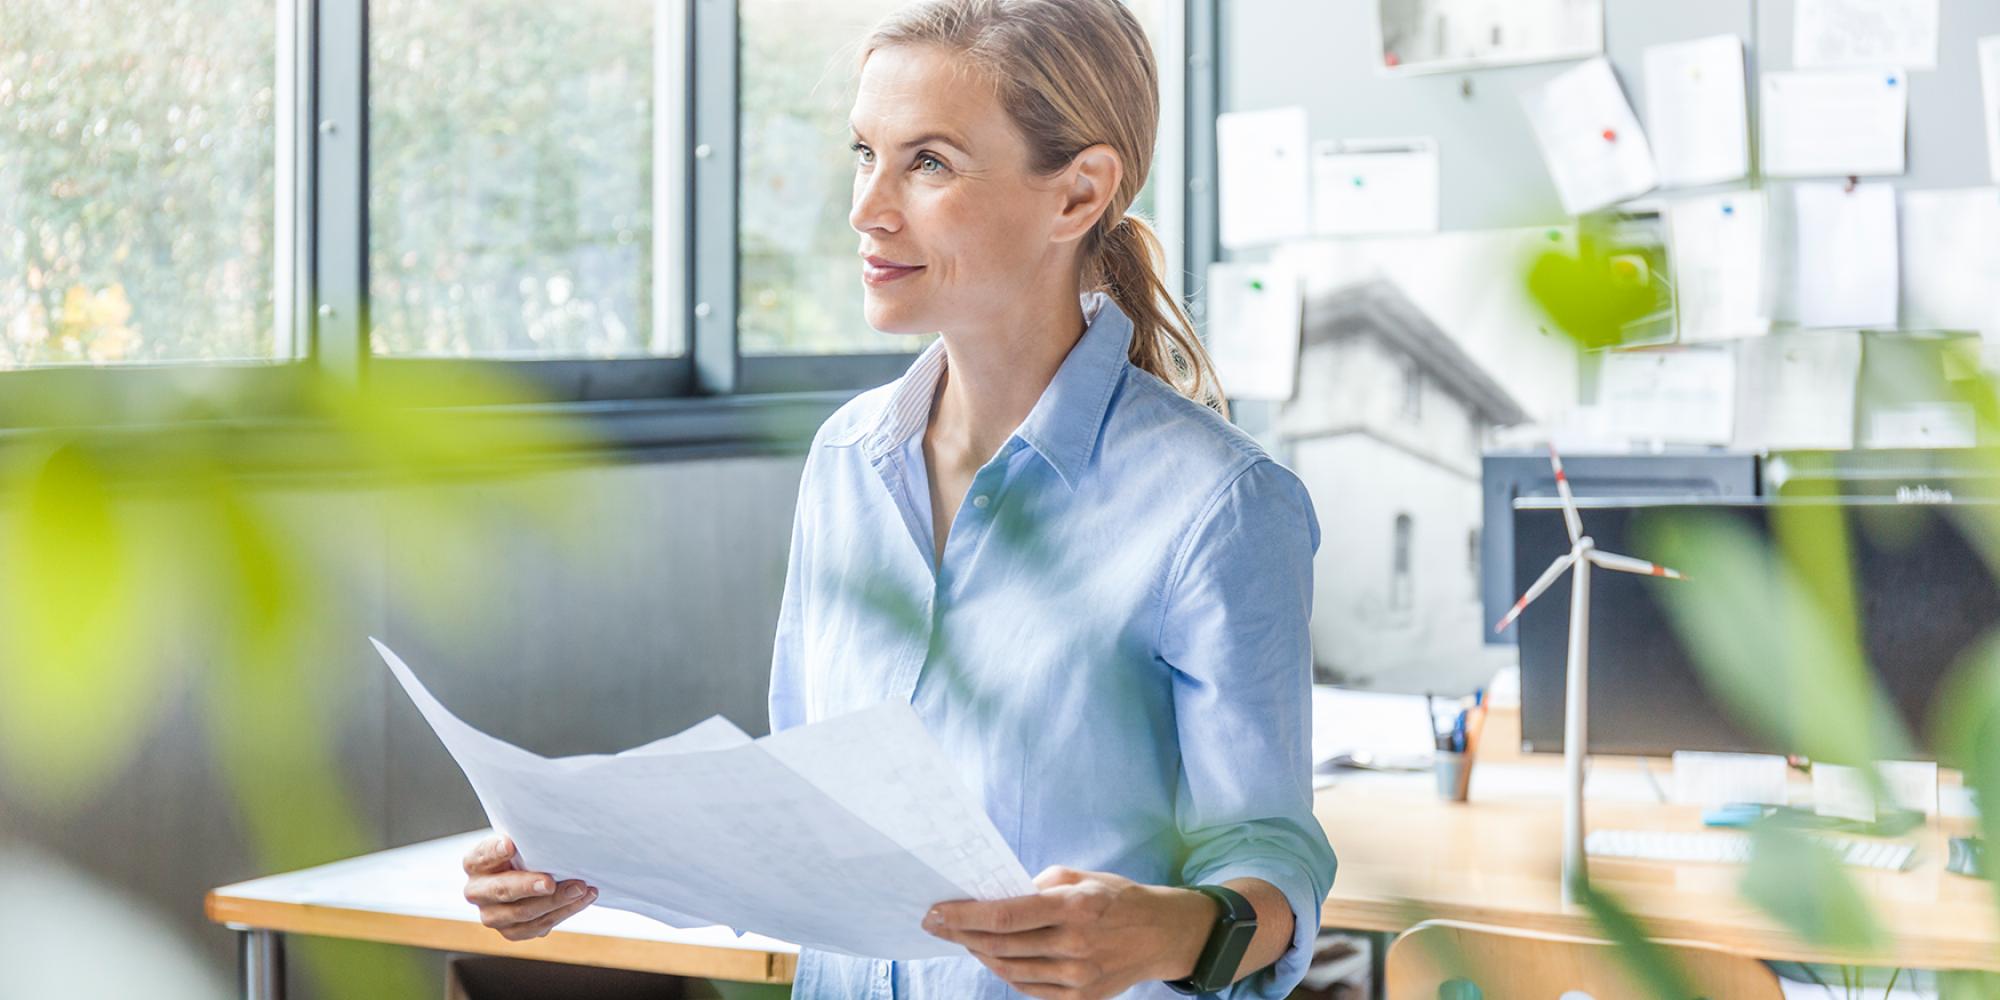 Frau im Büro hält Unterlagen in der Hand